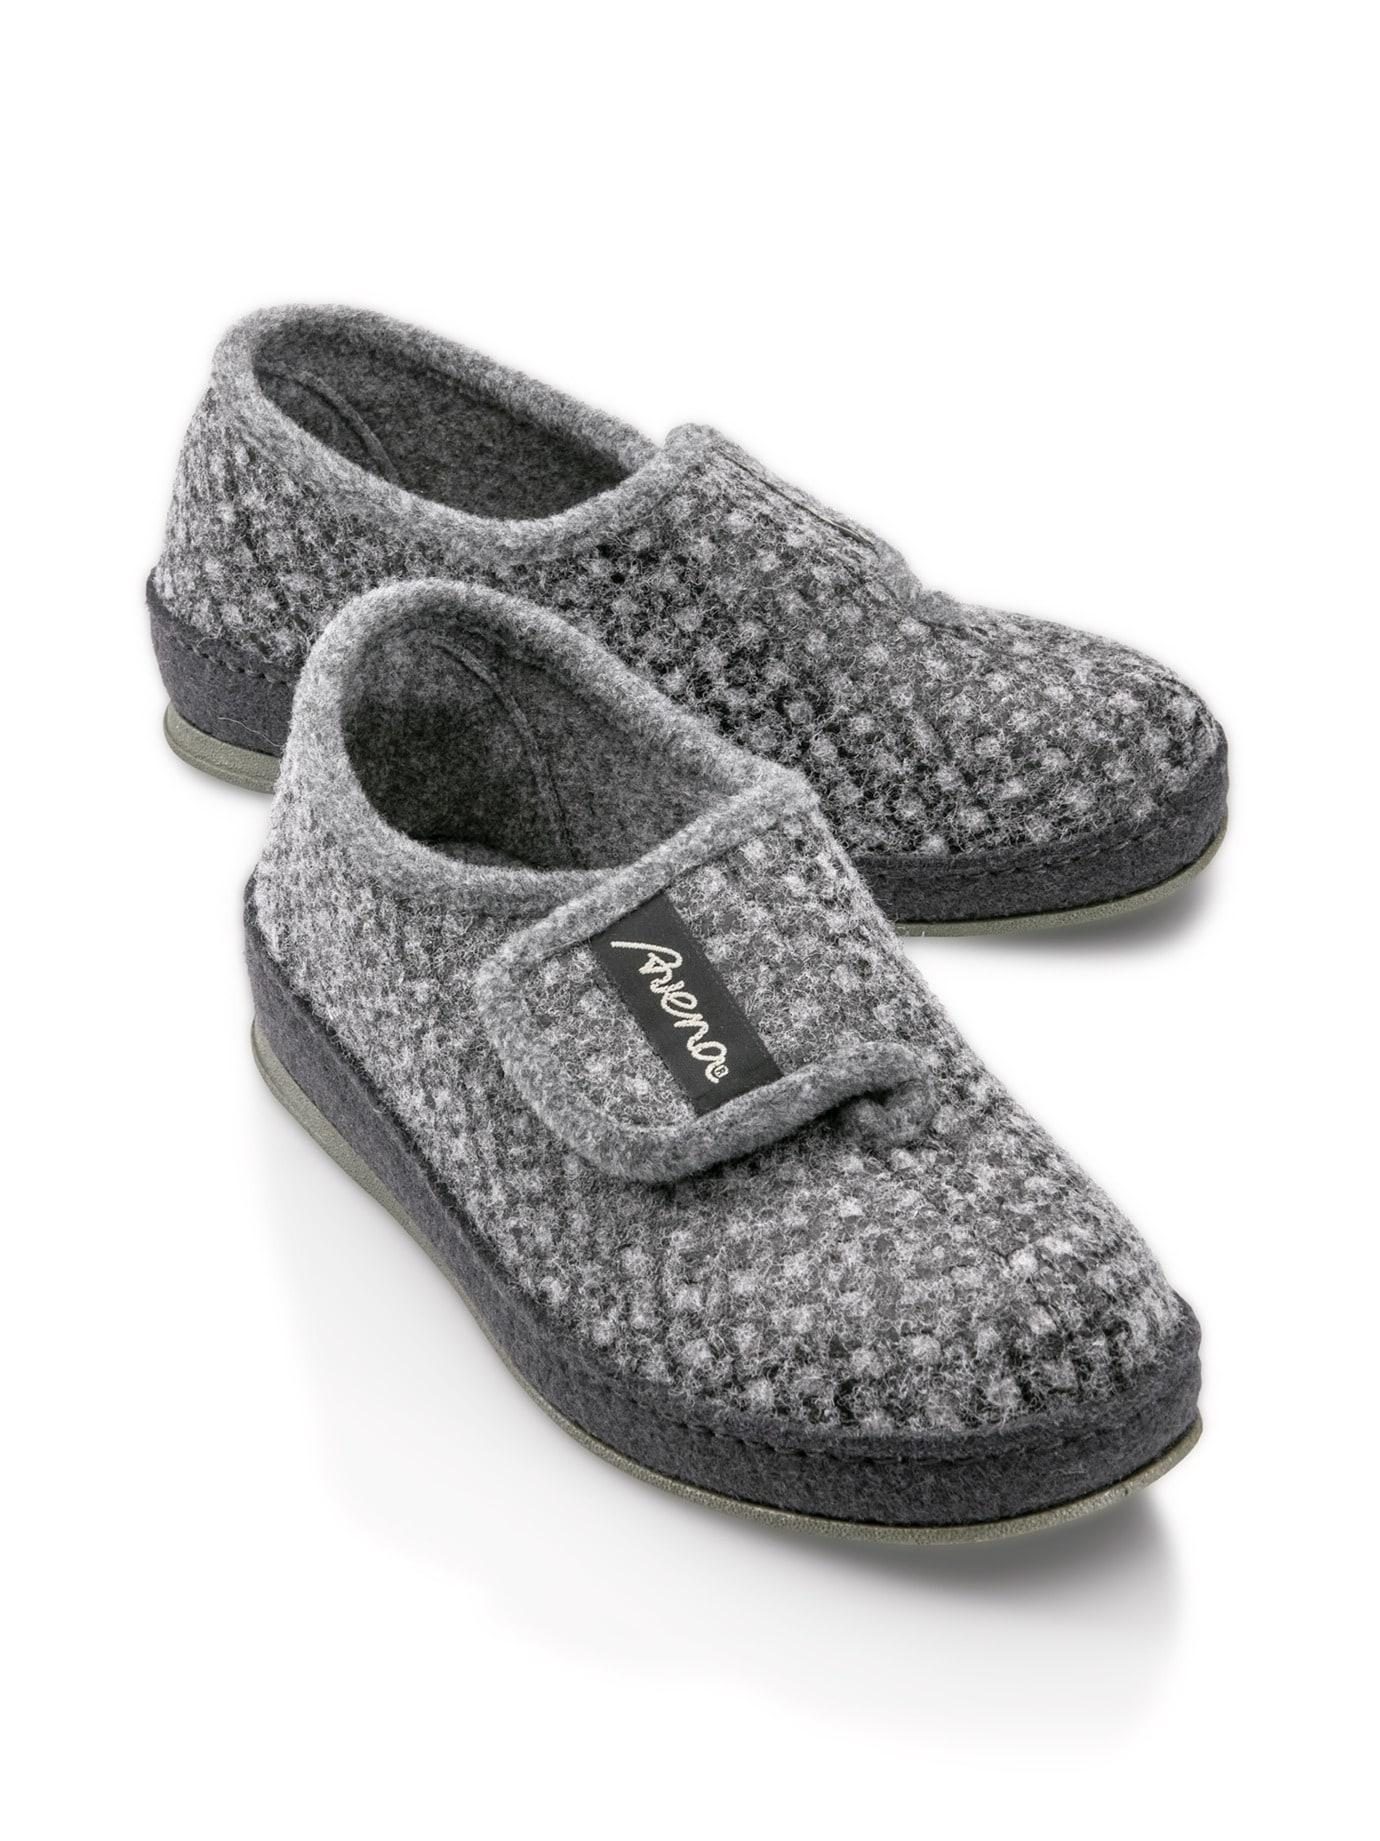 Avena Damen Soft-Stiefelette Select Lammvelours Grau v82TLAb